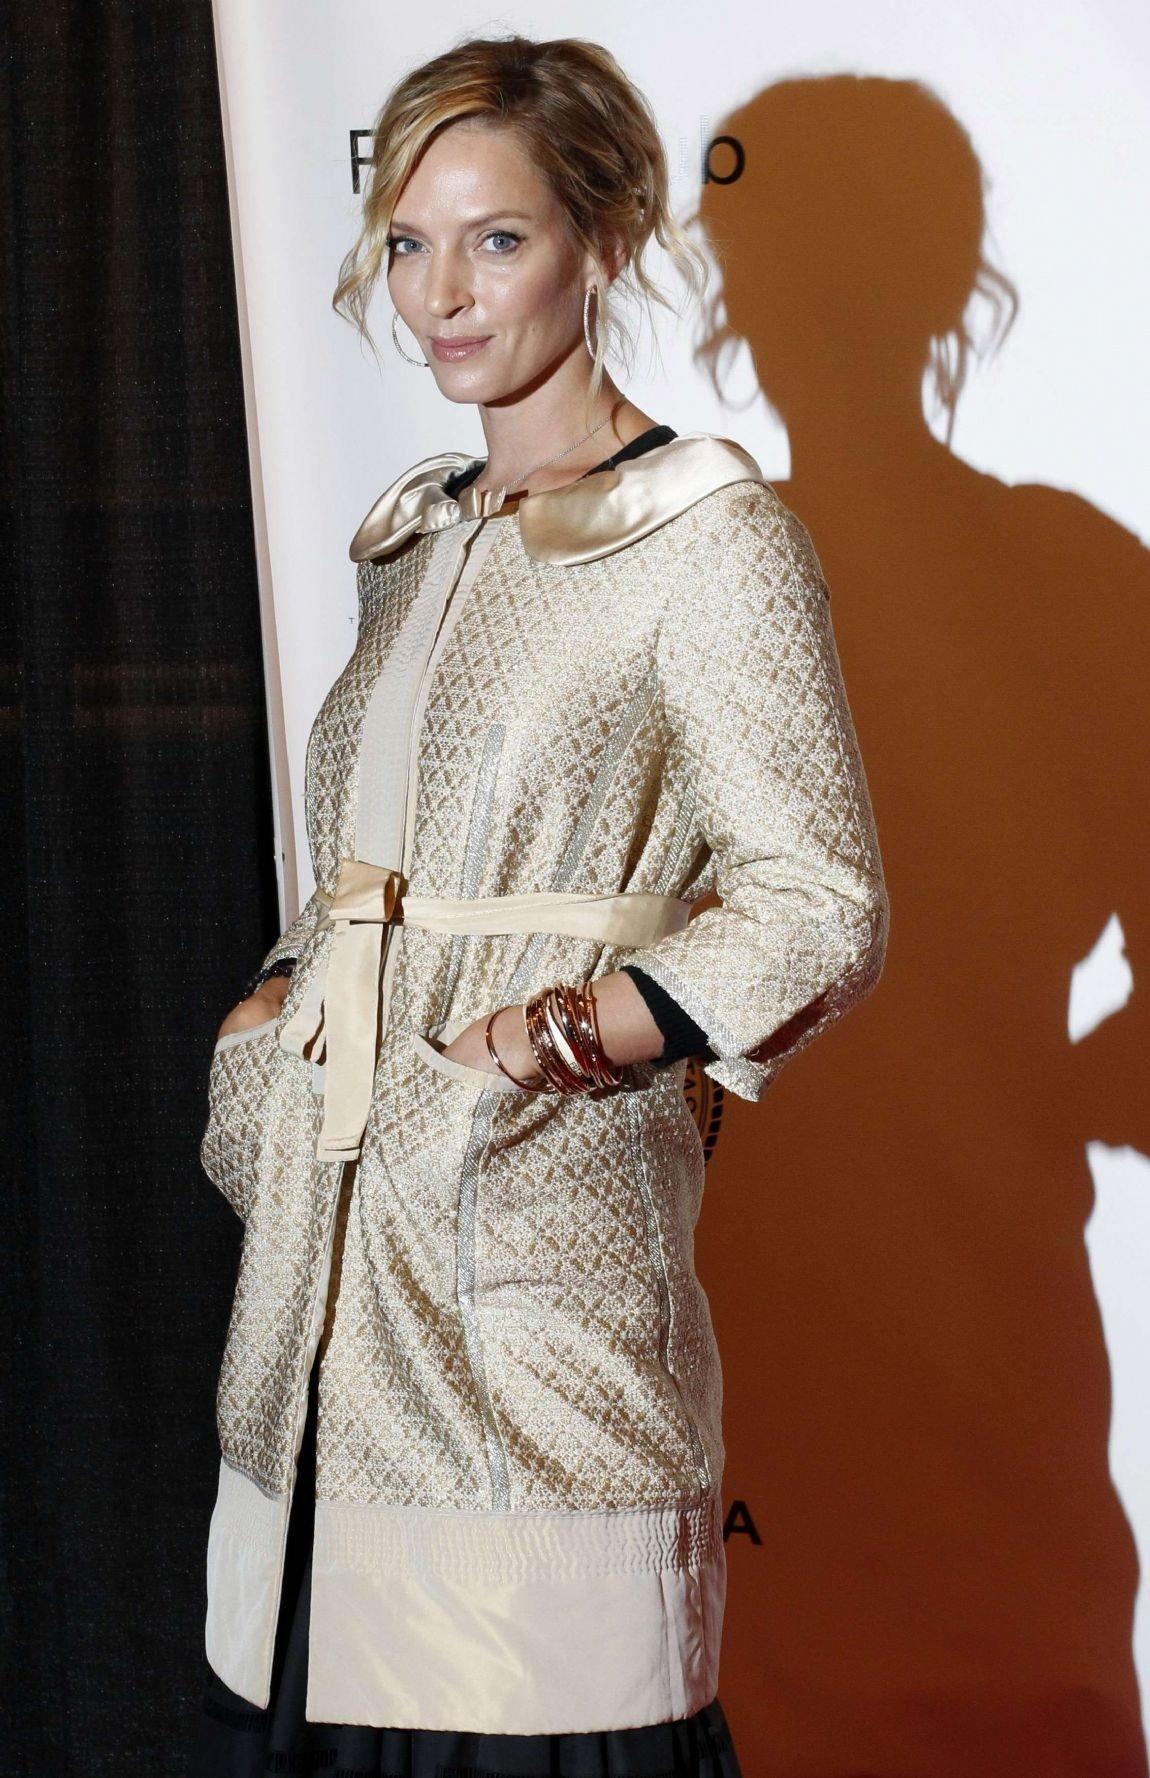 Ума Турман сегодня отмечает юбилей: номинантке на «Оскар» и музе Квентина Тарантино исполняется 45 - Изображение 1